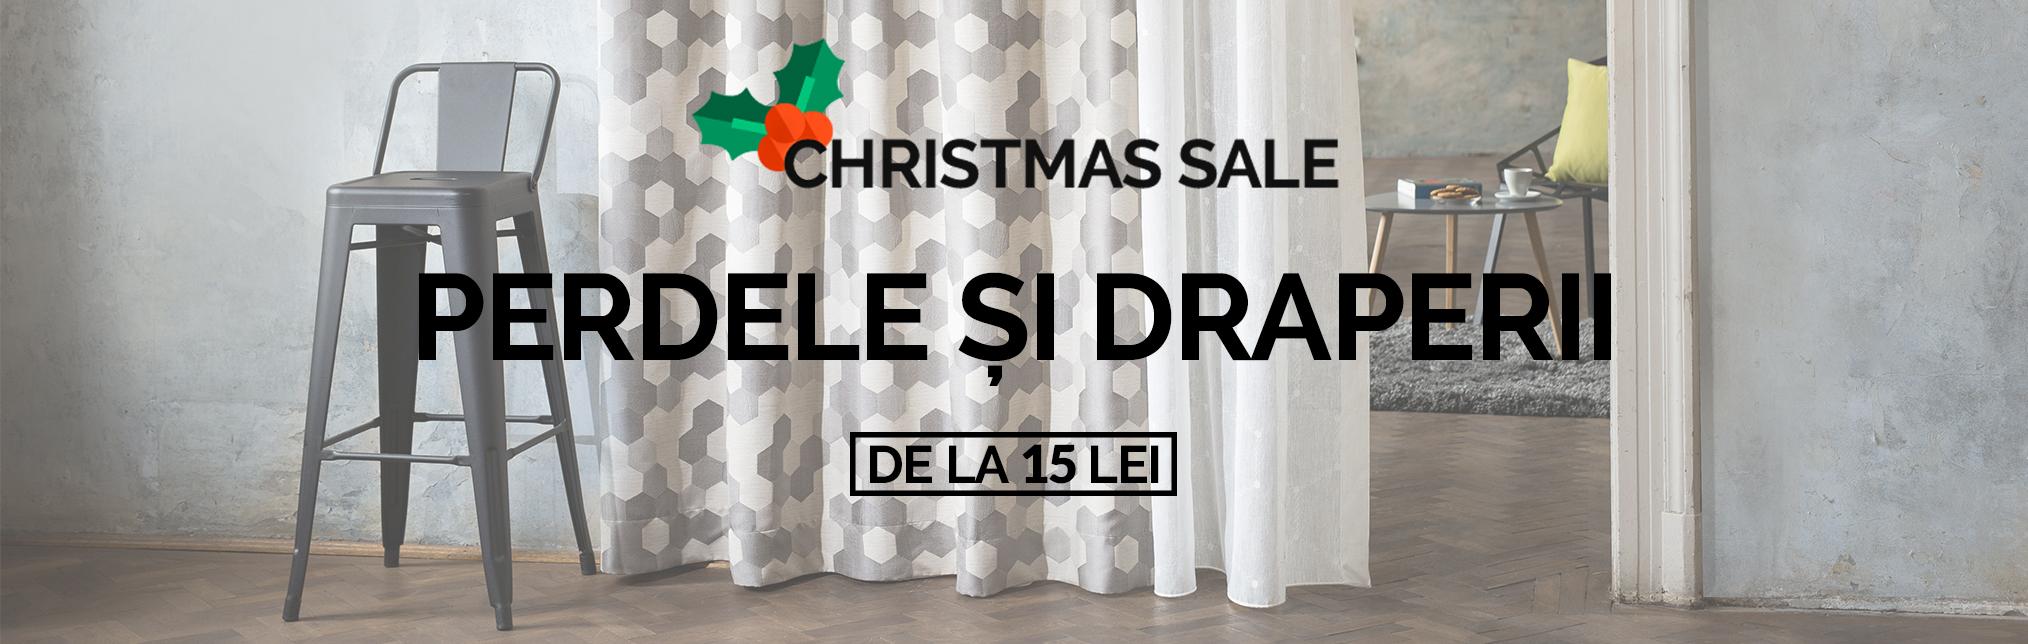 banner christmas sale 1